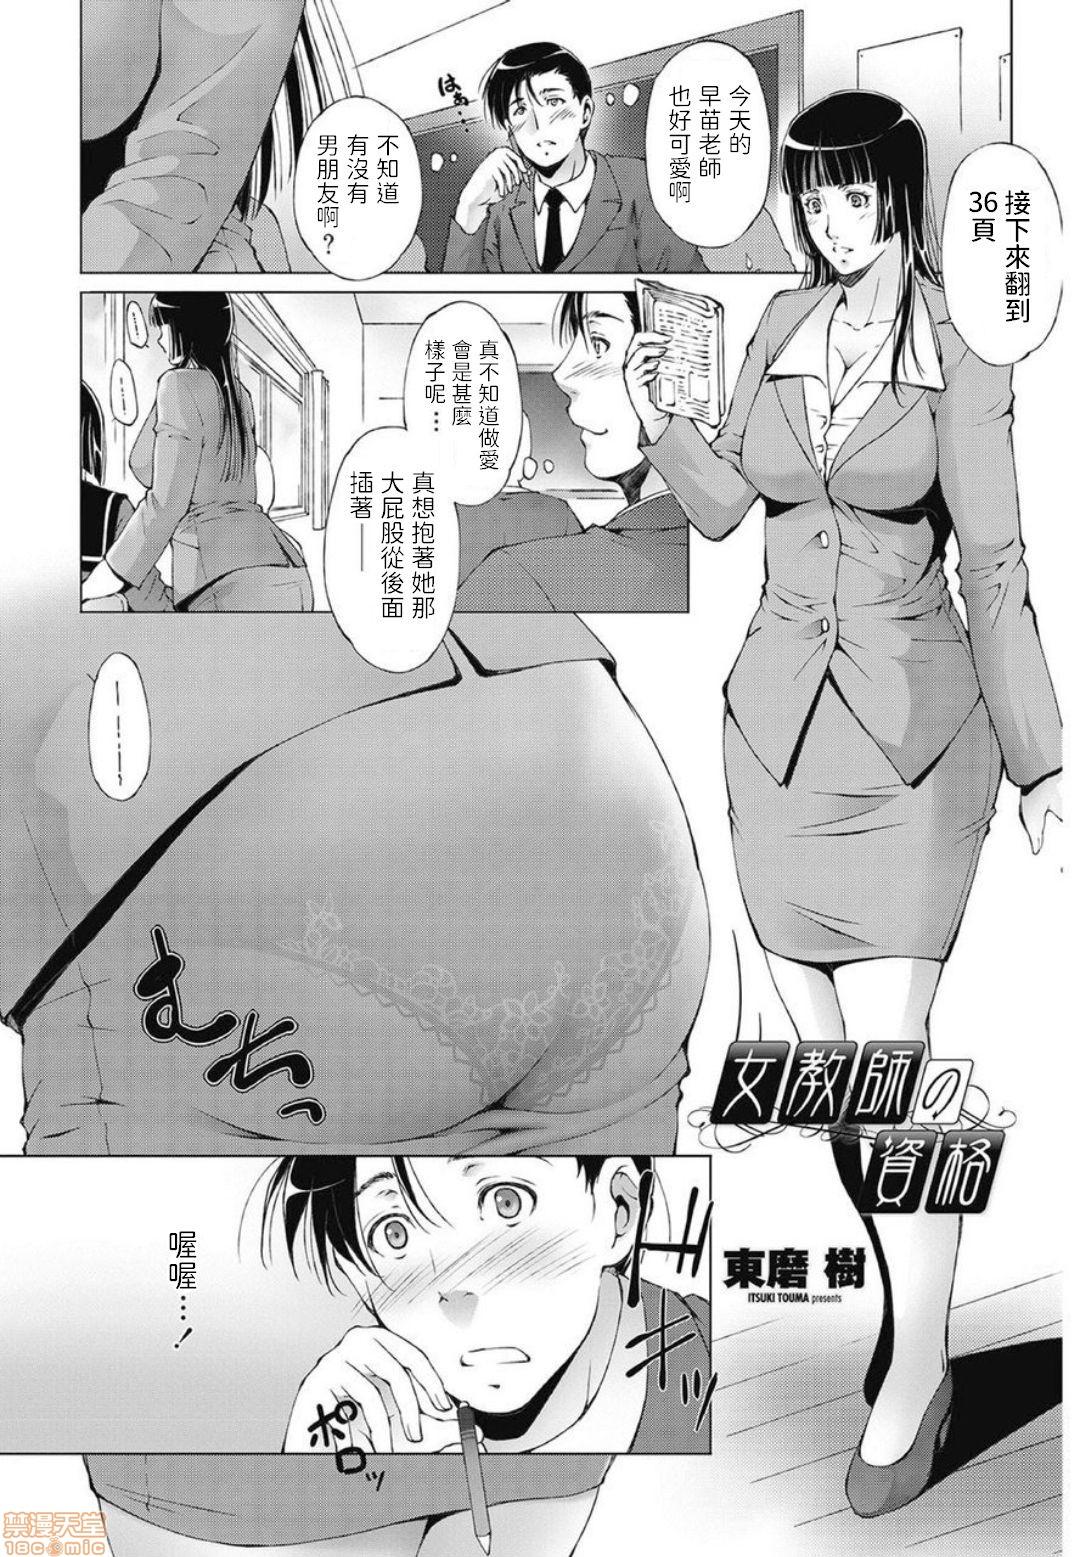 [東磨樹] 女教師の資格 (ペンギンセレブ2013年07月號)(16P) - 情色卡漫 -